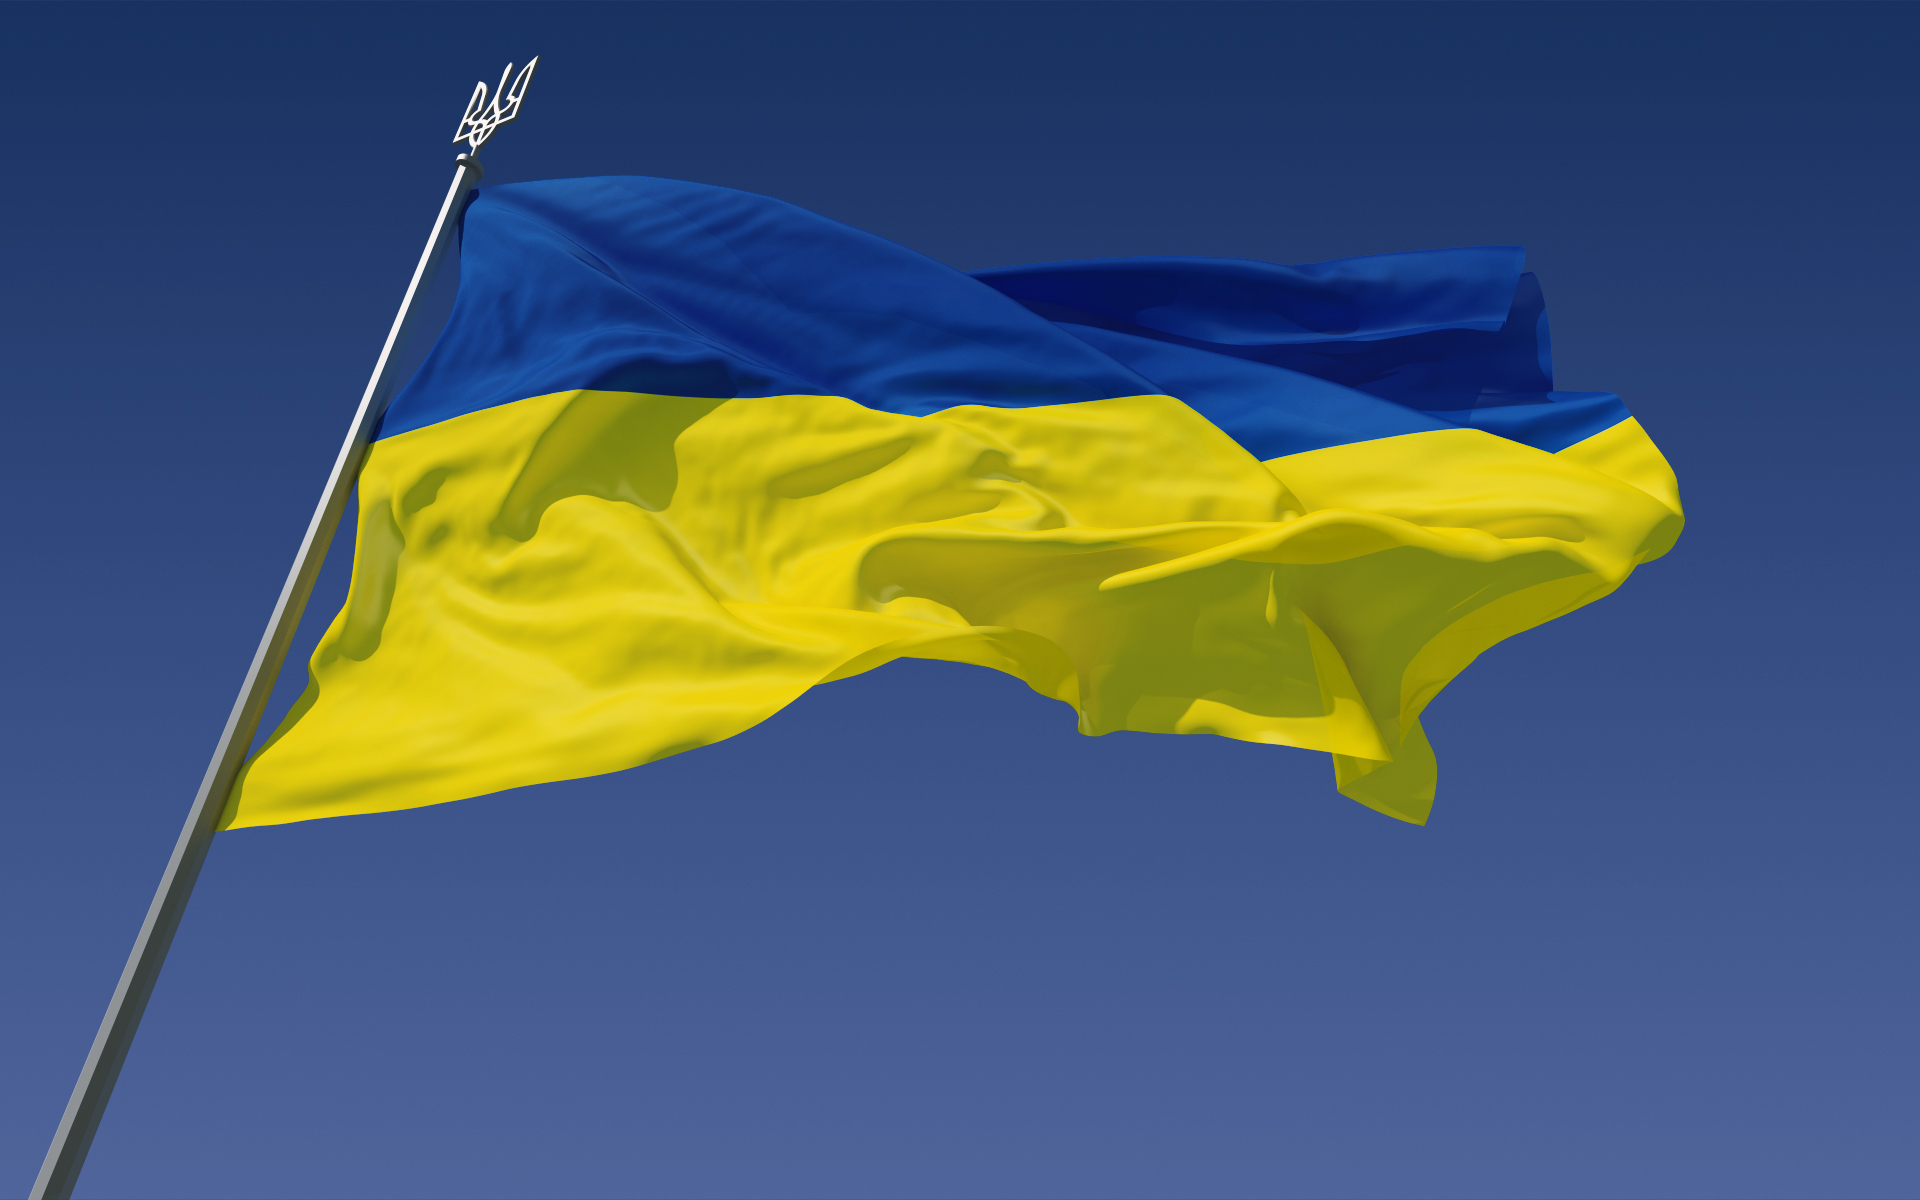 Словакия увеличила экспорт газа на Украину до 41,41 млн м3/сутки